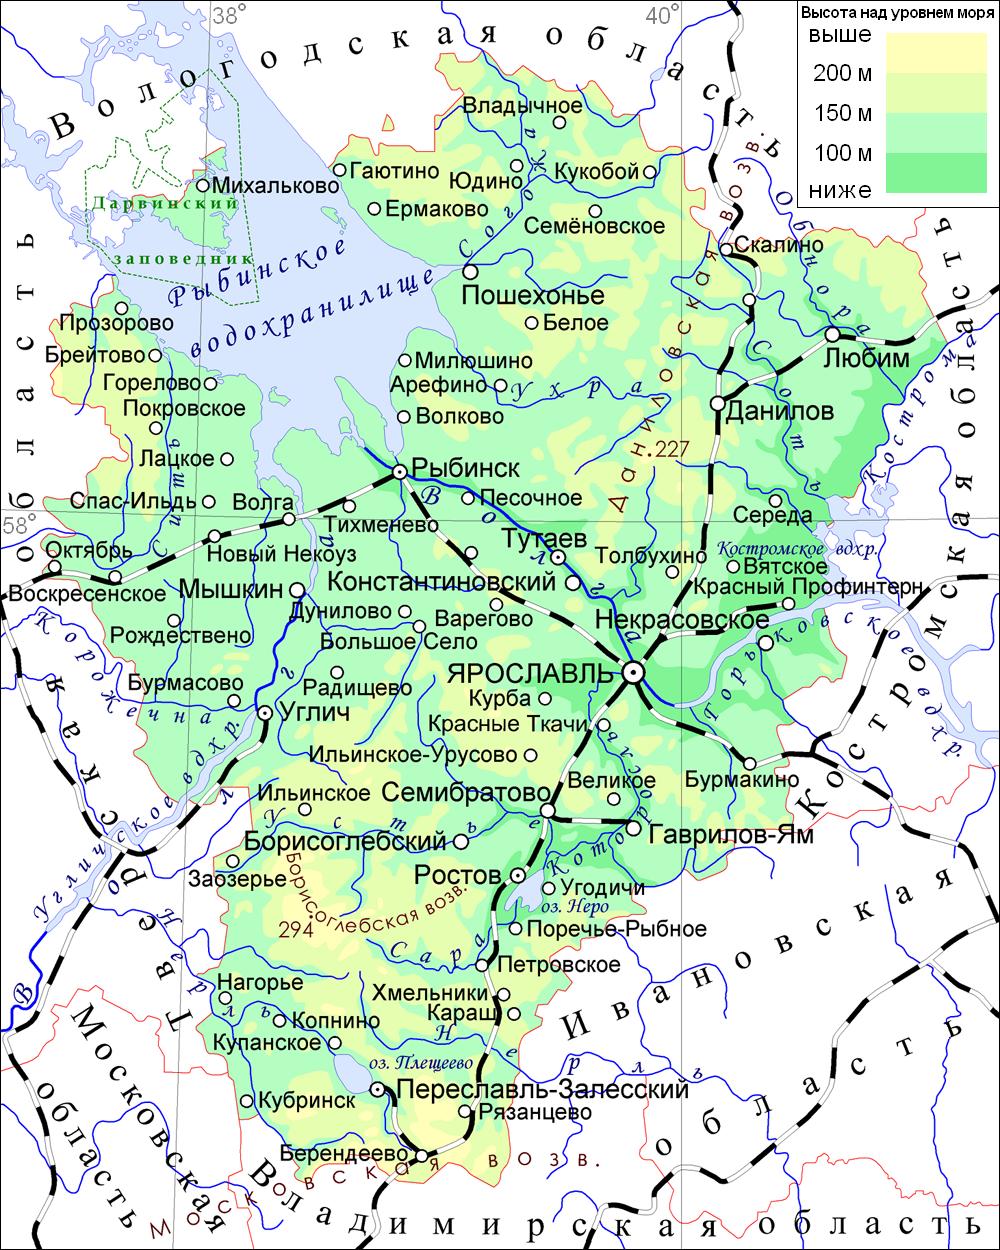 Файл:Ярославская область.png — Википедия